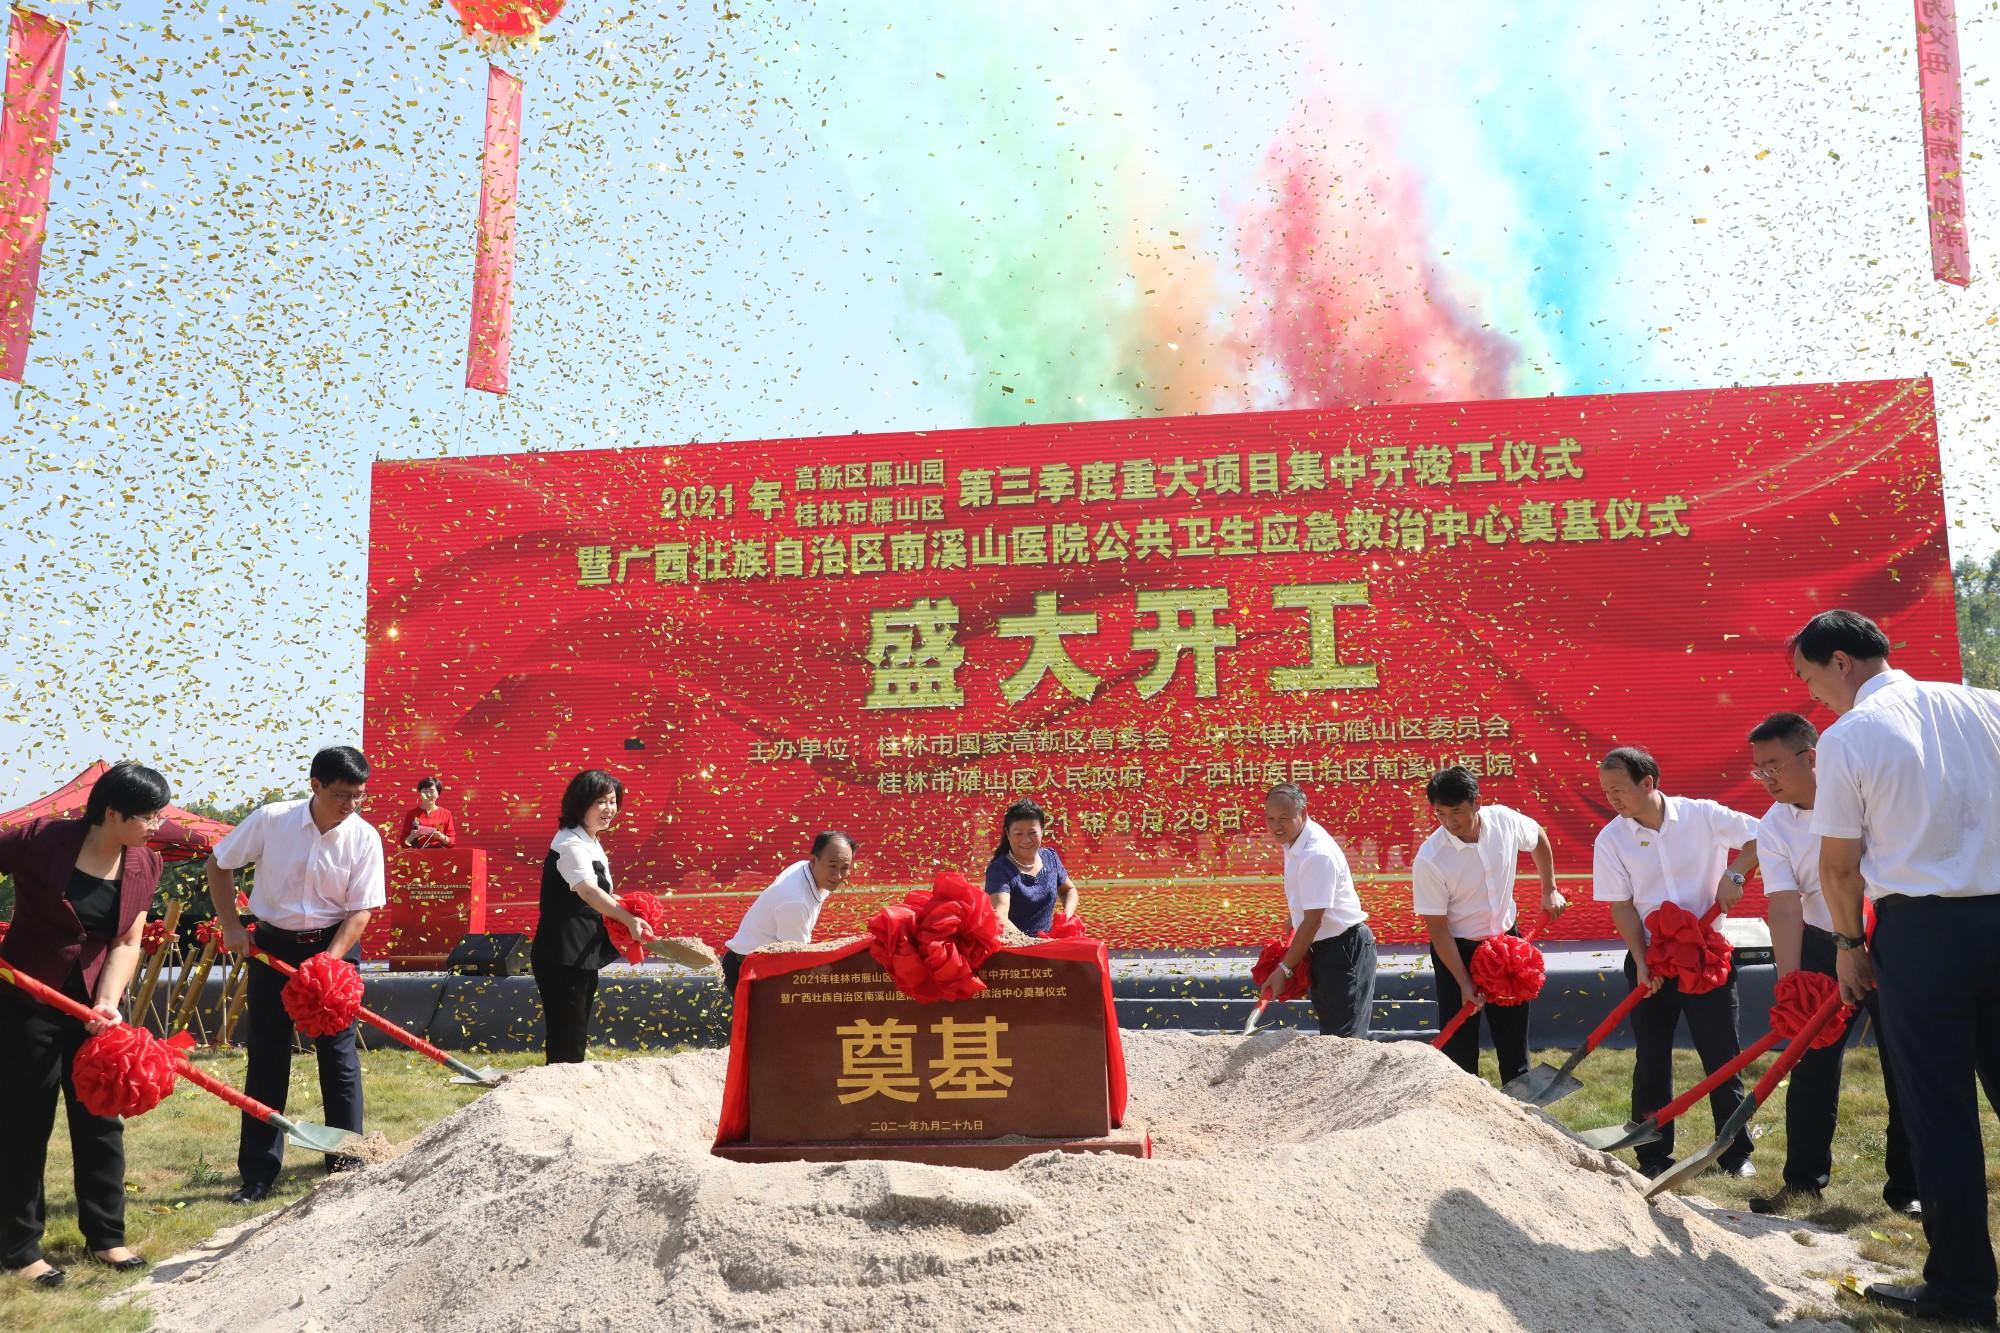 广西壮族自治区南溪山医院公共卫生应急救治中心开工建设